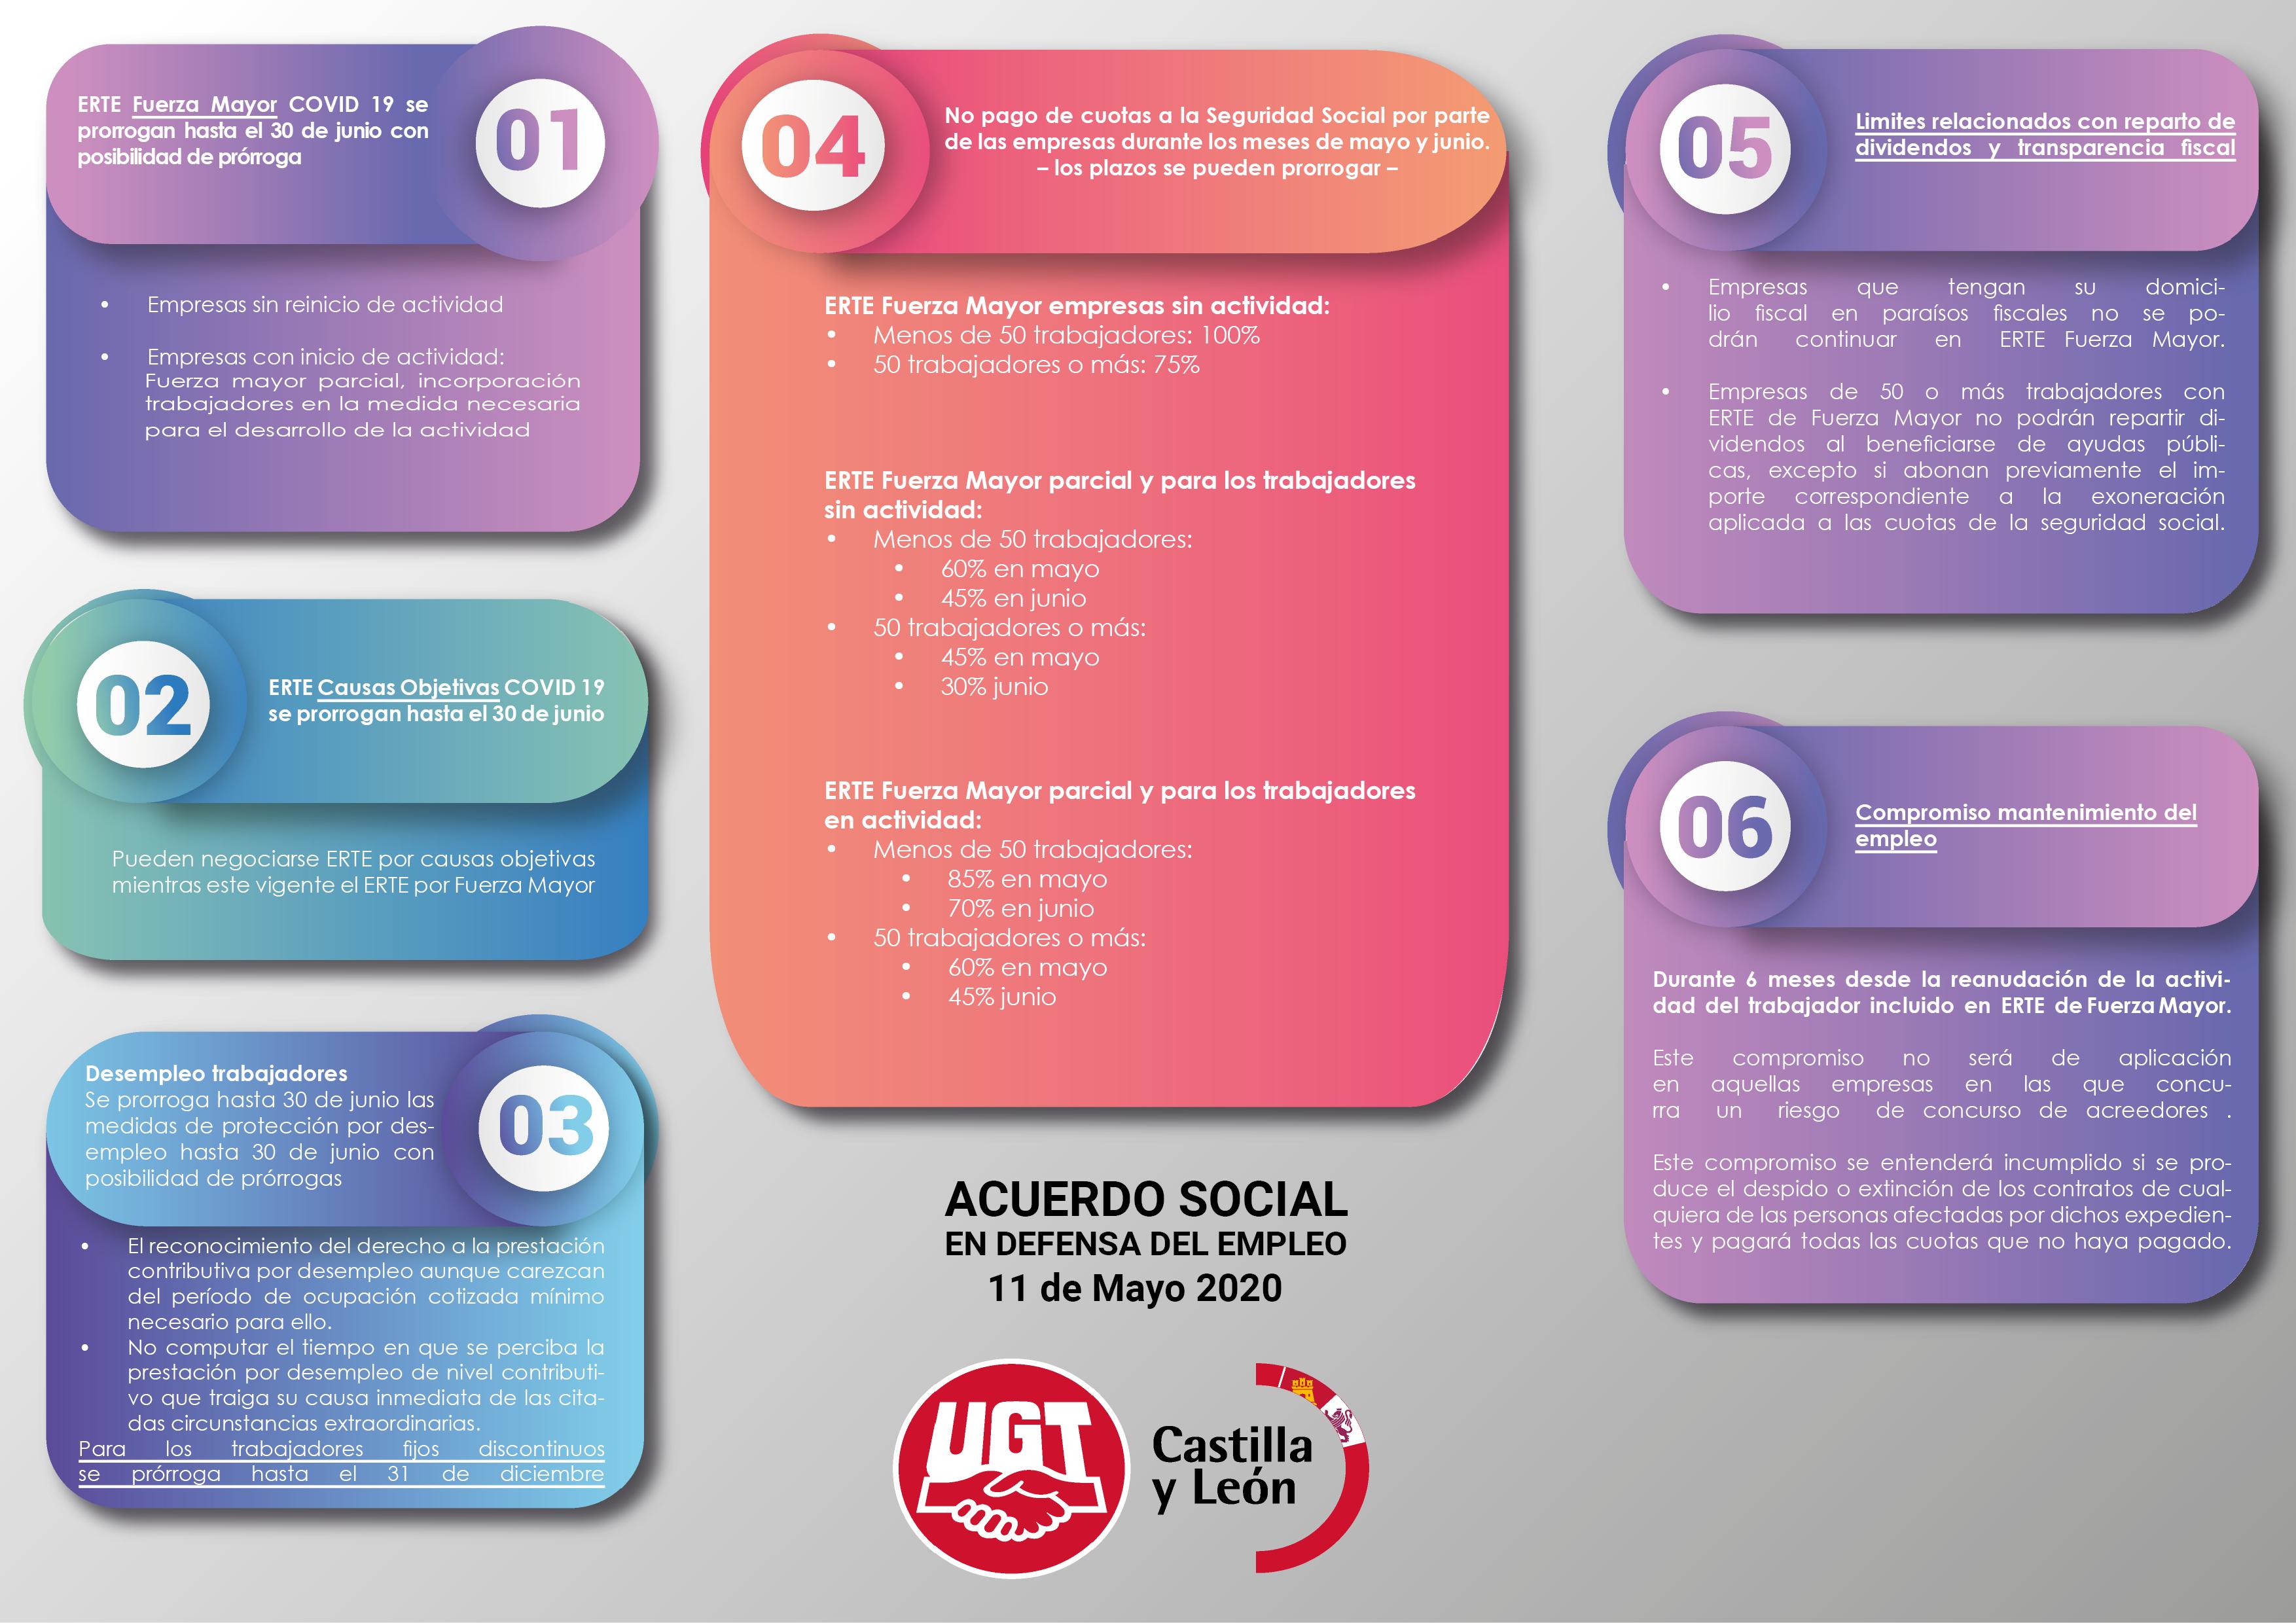 ERTE: Firma del Acuerdo Social en Defensa del Empleo